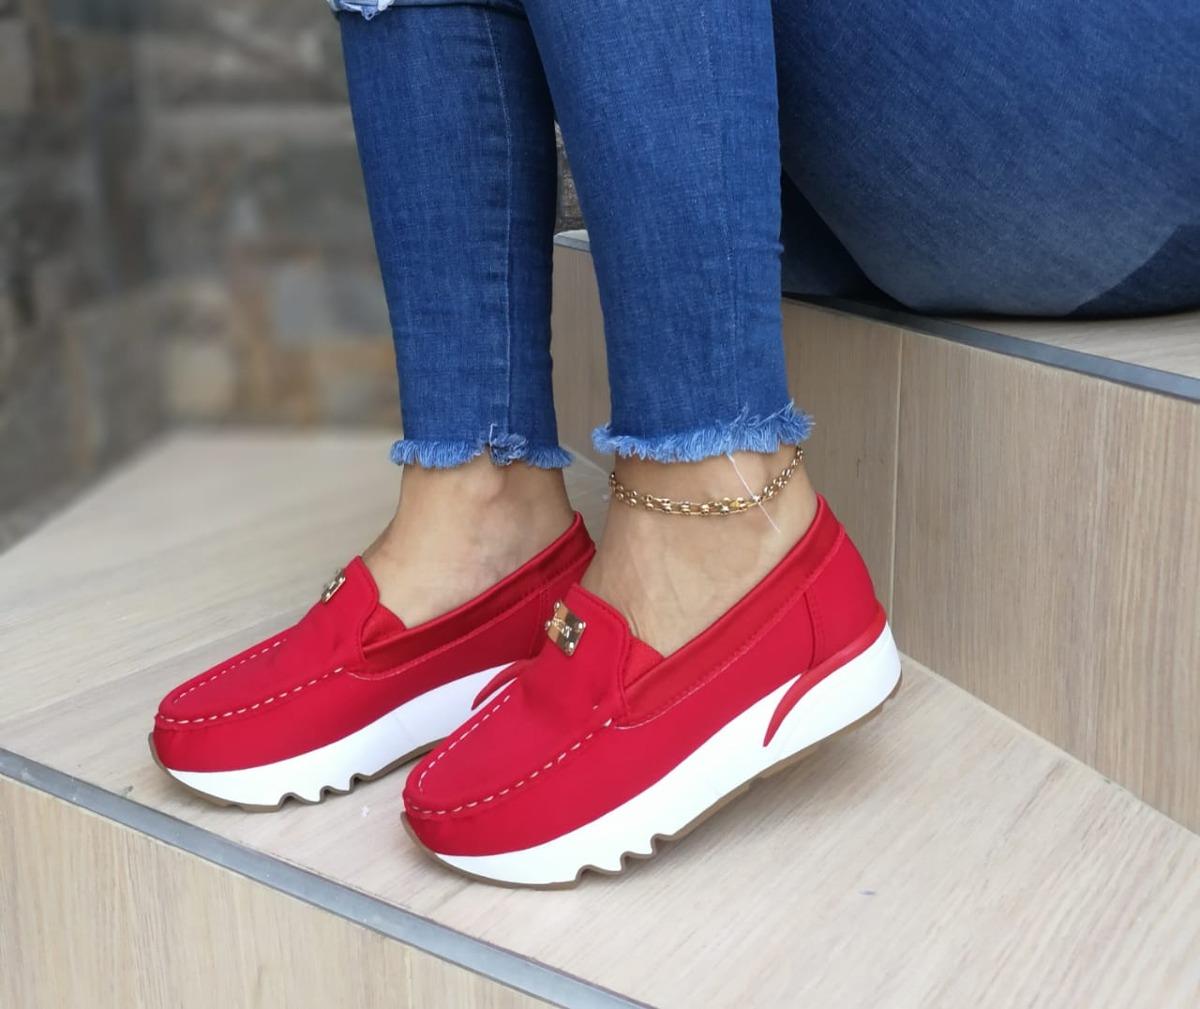 81a3a679eb42f Nuevos Zapatos Cómodos Sin Cordones Dama -   60.000 en Mercado Libre